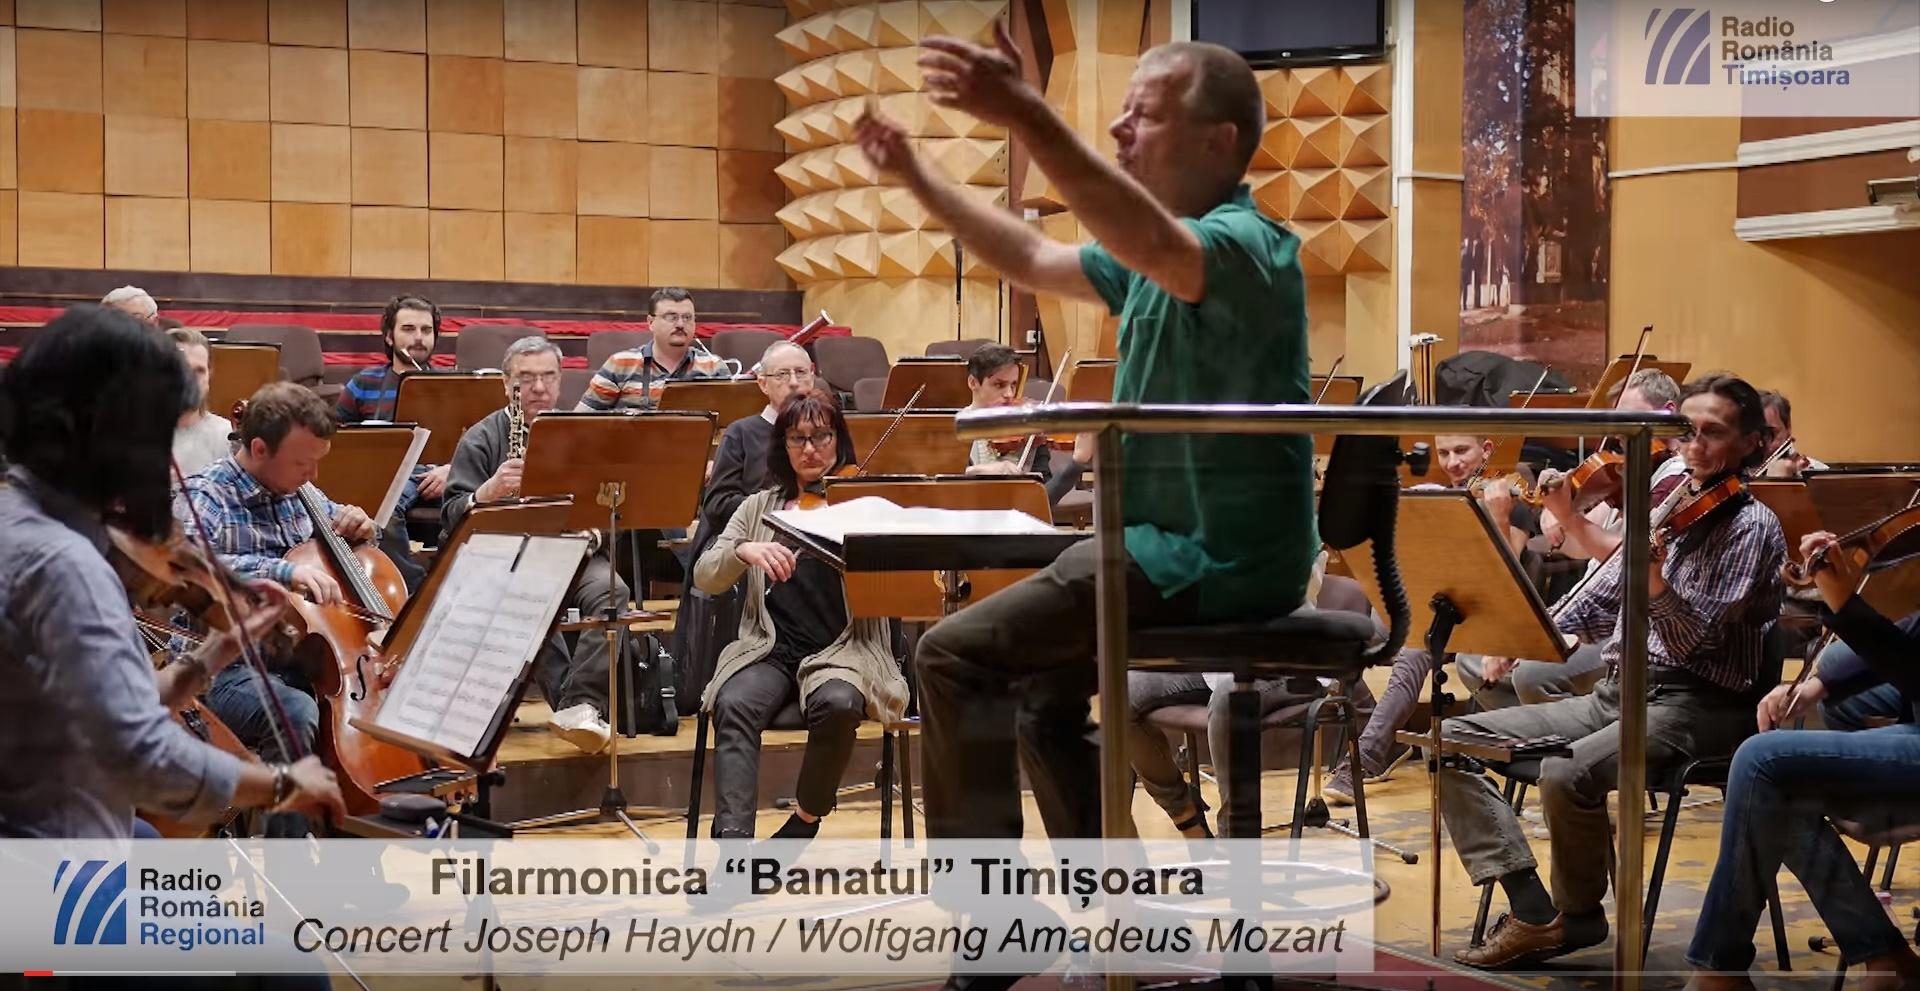 """Vezi un interviu cu dirijorul Michael Hasel, dar și secvențe de la repetițiile pentru concertul Filarmonicii """"Banatul"""" din Joia Mare!"""